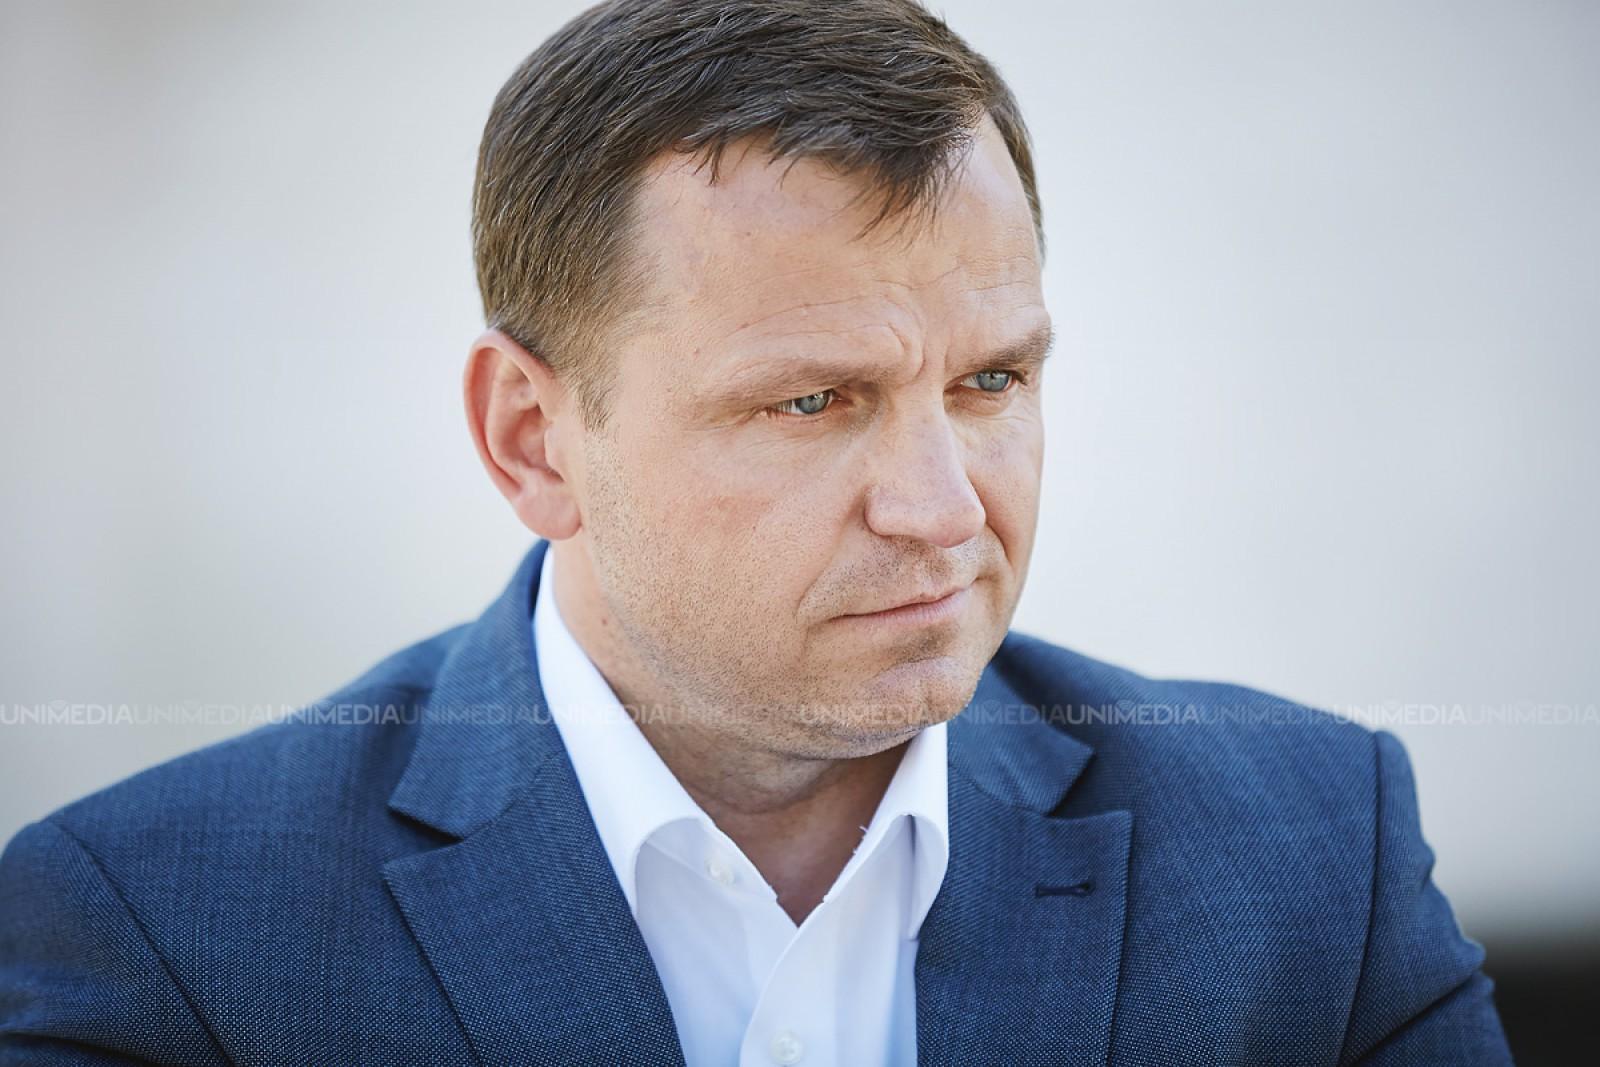 (foto) Prima poză în calitate de primar a lui Andrei Năstase a devenit virală pe rețelele de socializare